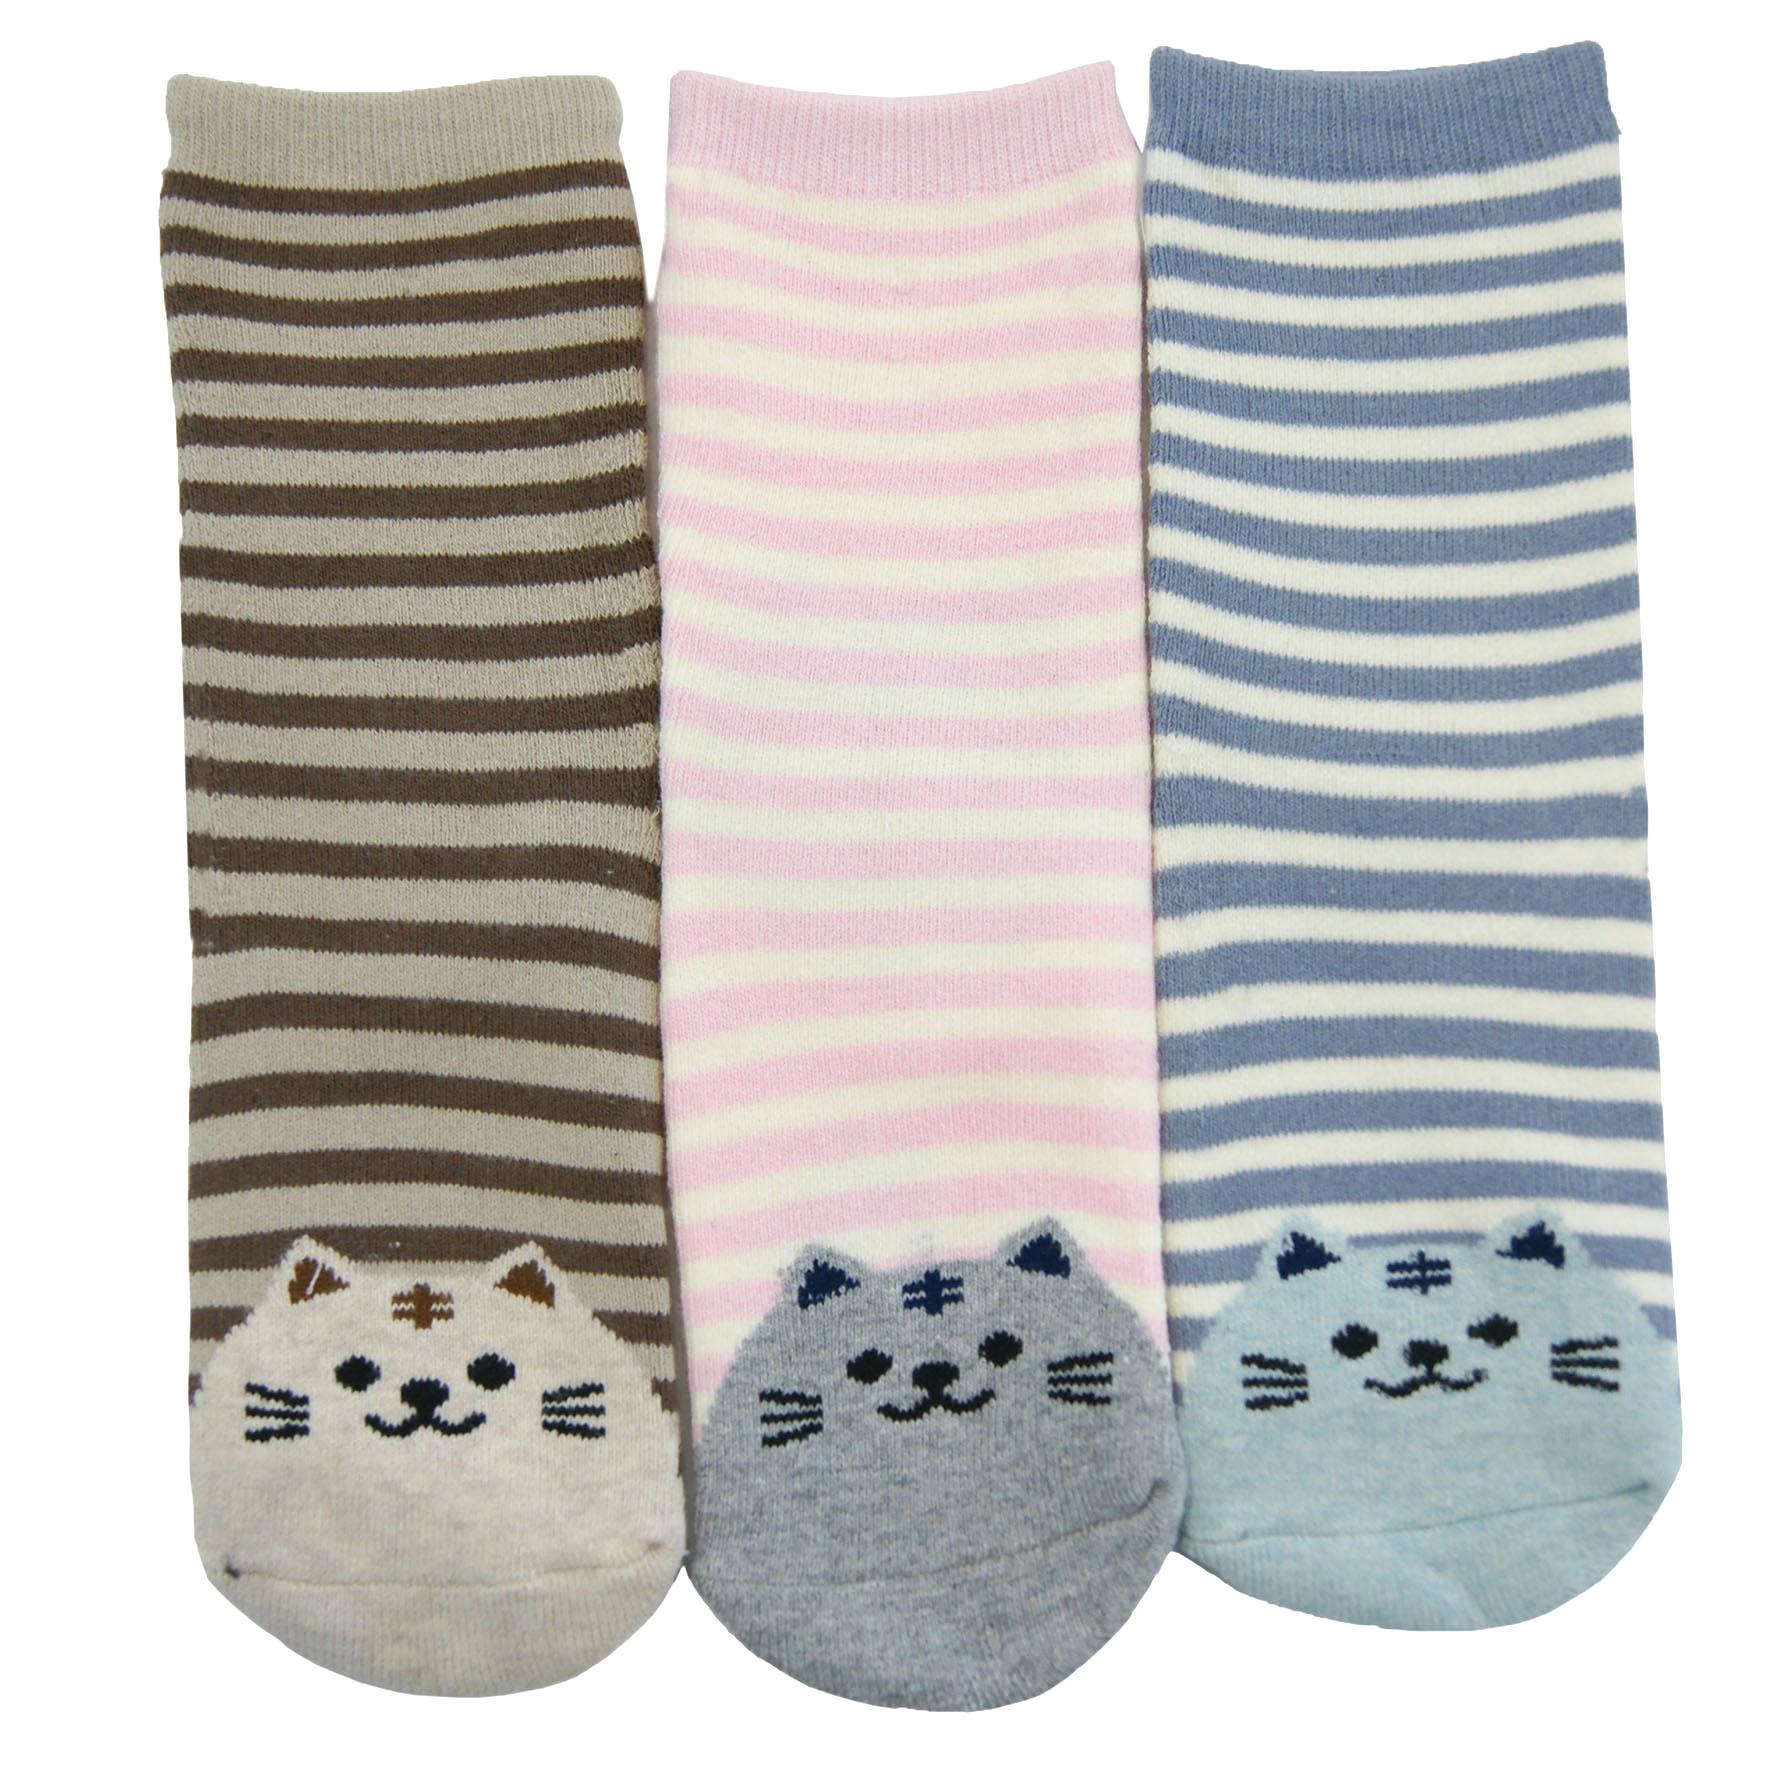 3 pak skarpet dziecięcych marki Moraj w stonwanych kolorach, palce wzór kotek